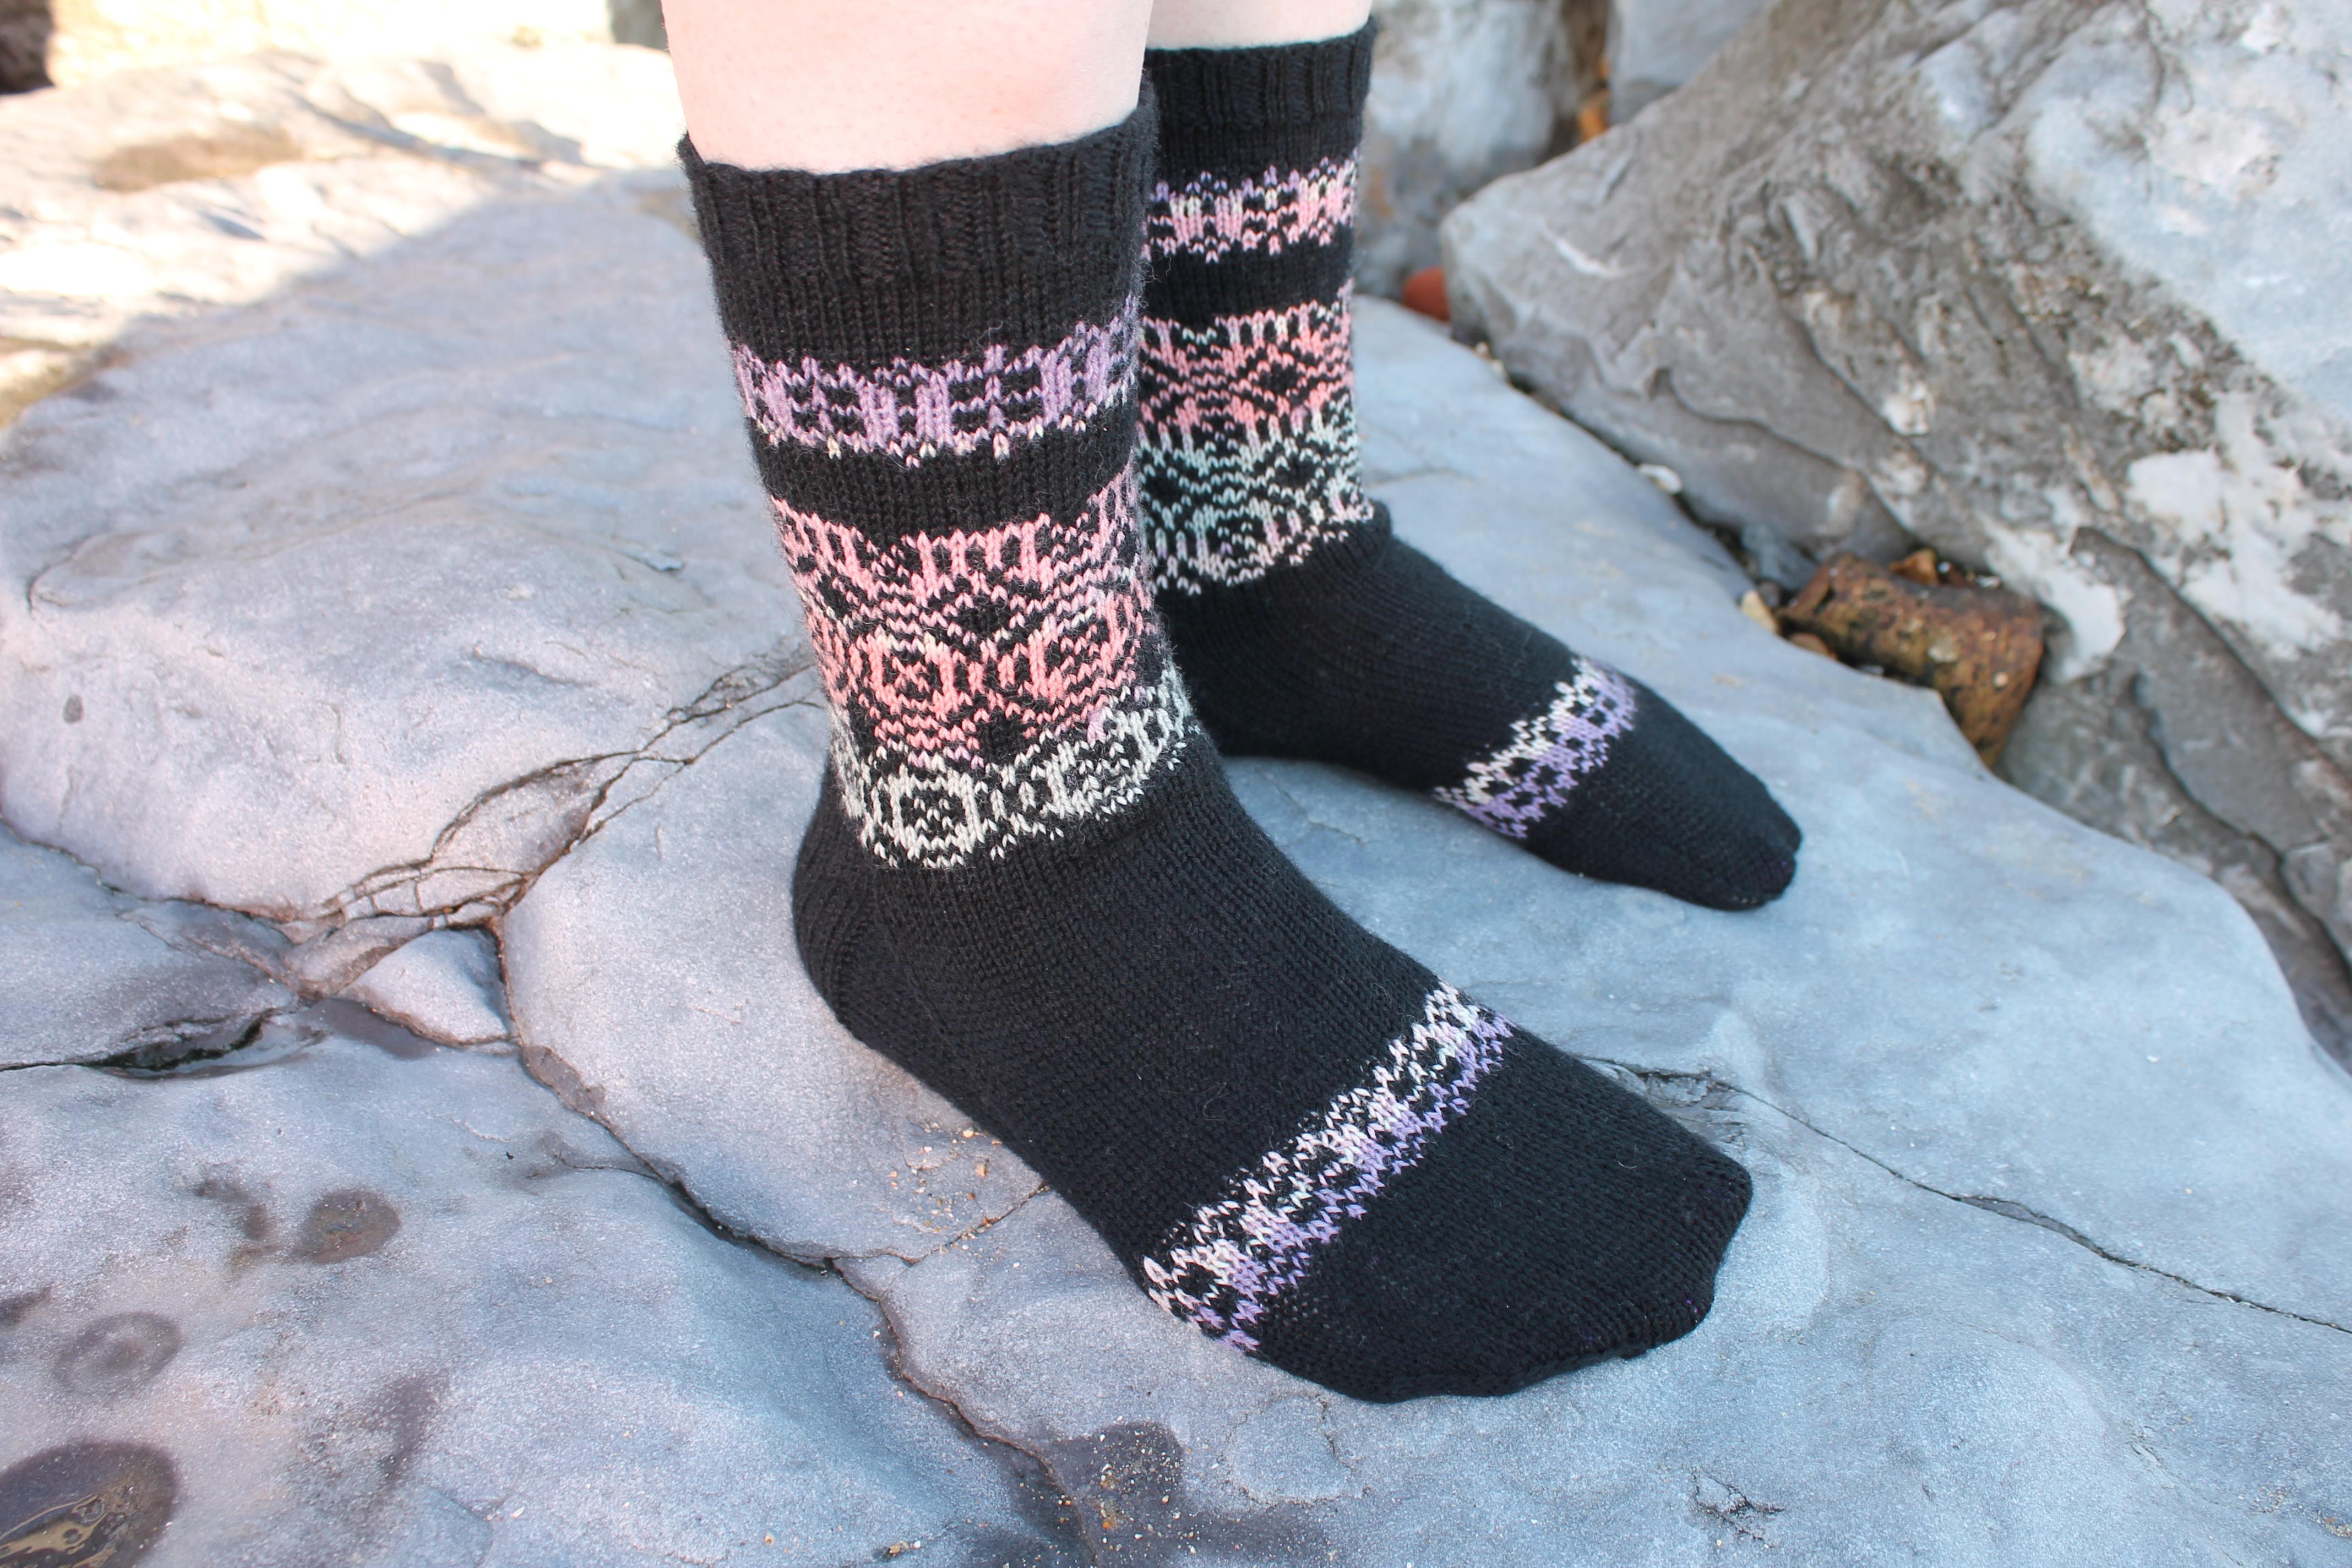 kasbah socks